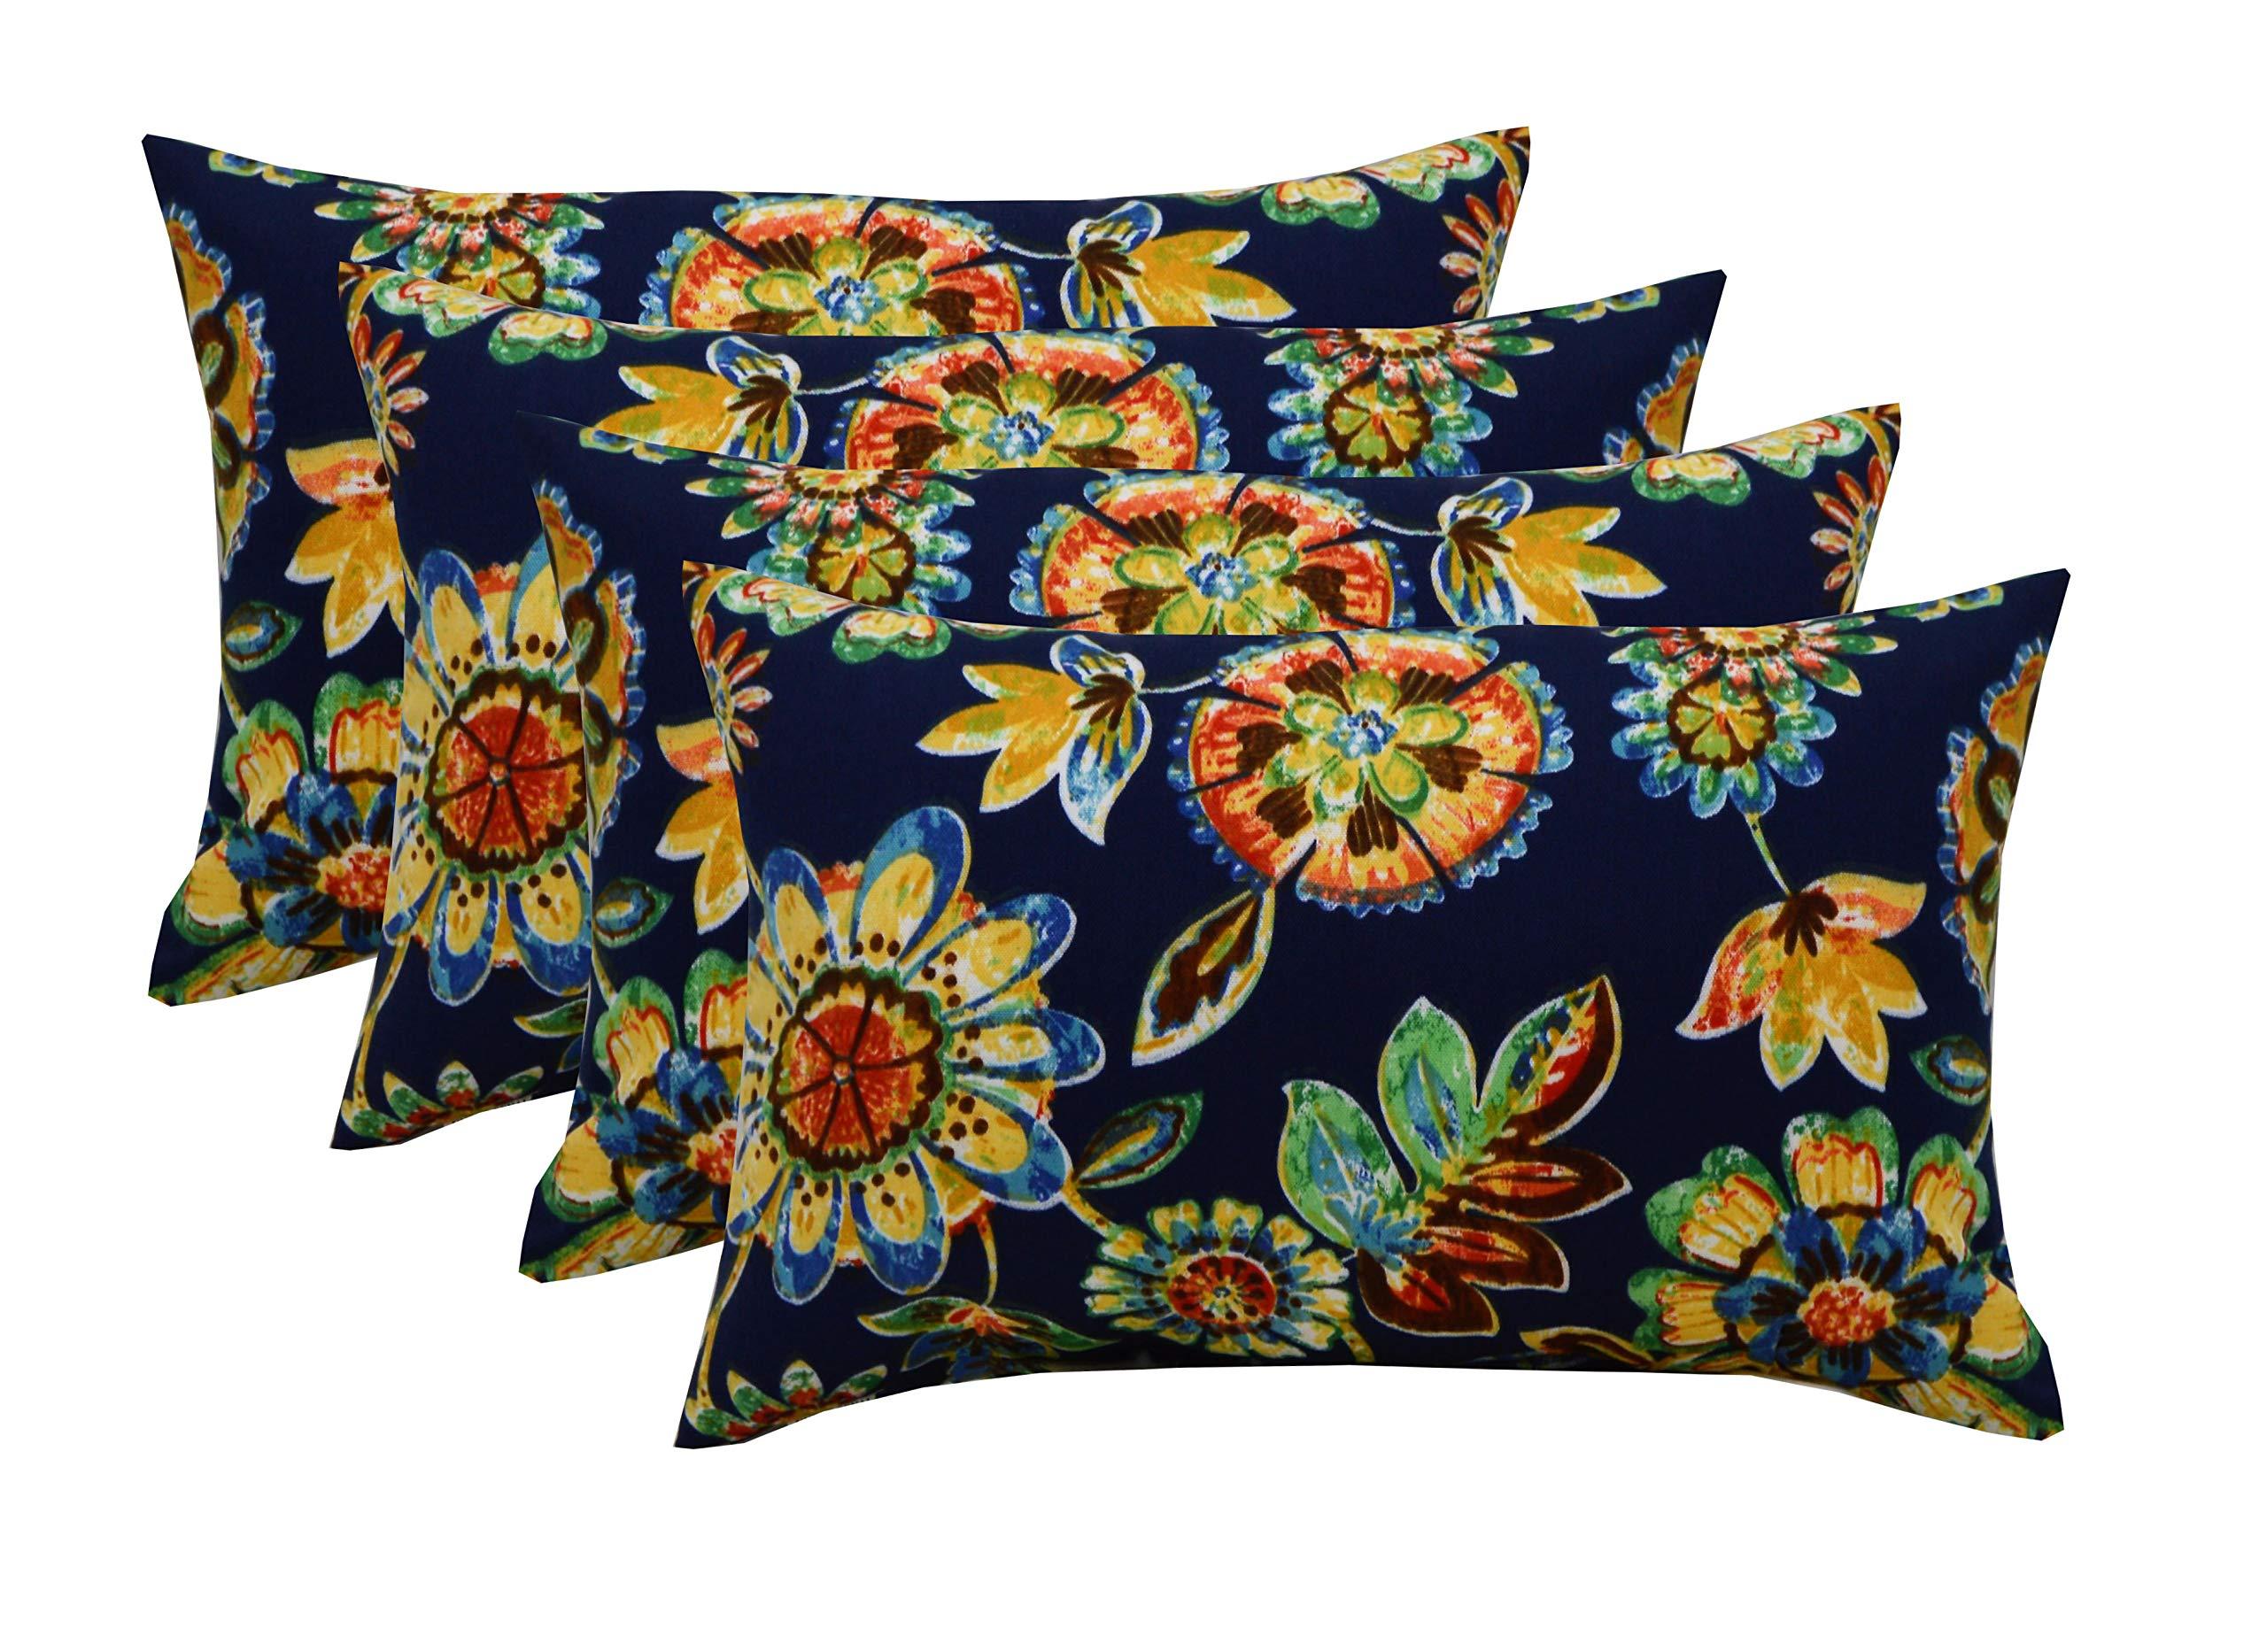 RSH DECOR Set of 4 Indoor/Outdoor 12''x20'' Rectangle Lumbar Decorative Throw Pillows - Daelyn Navy Blue Floral